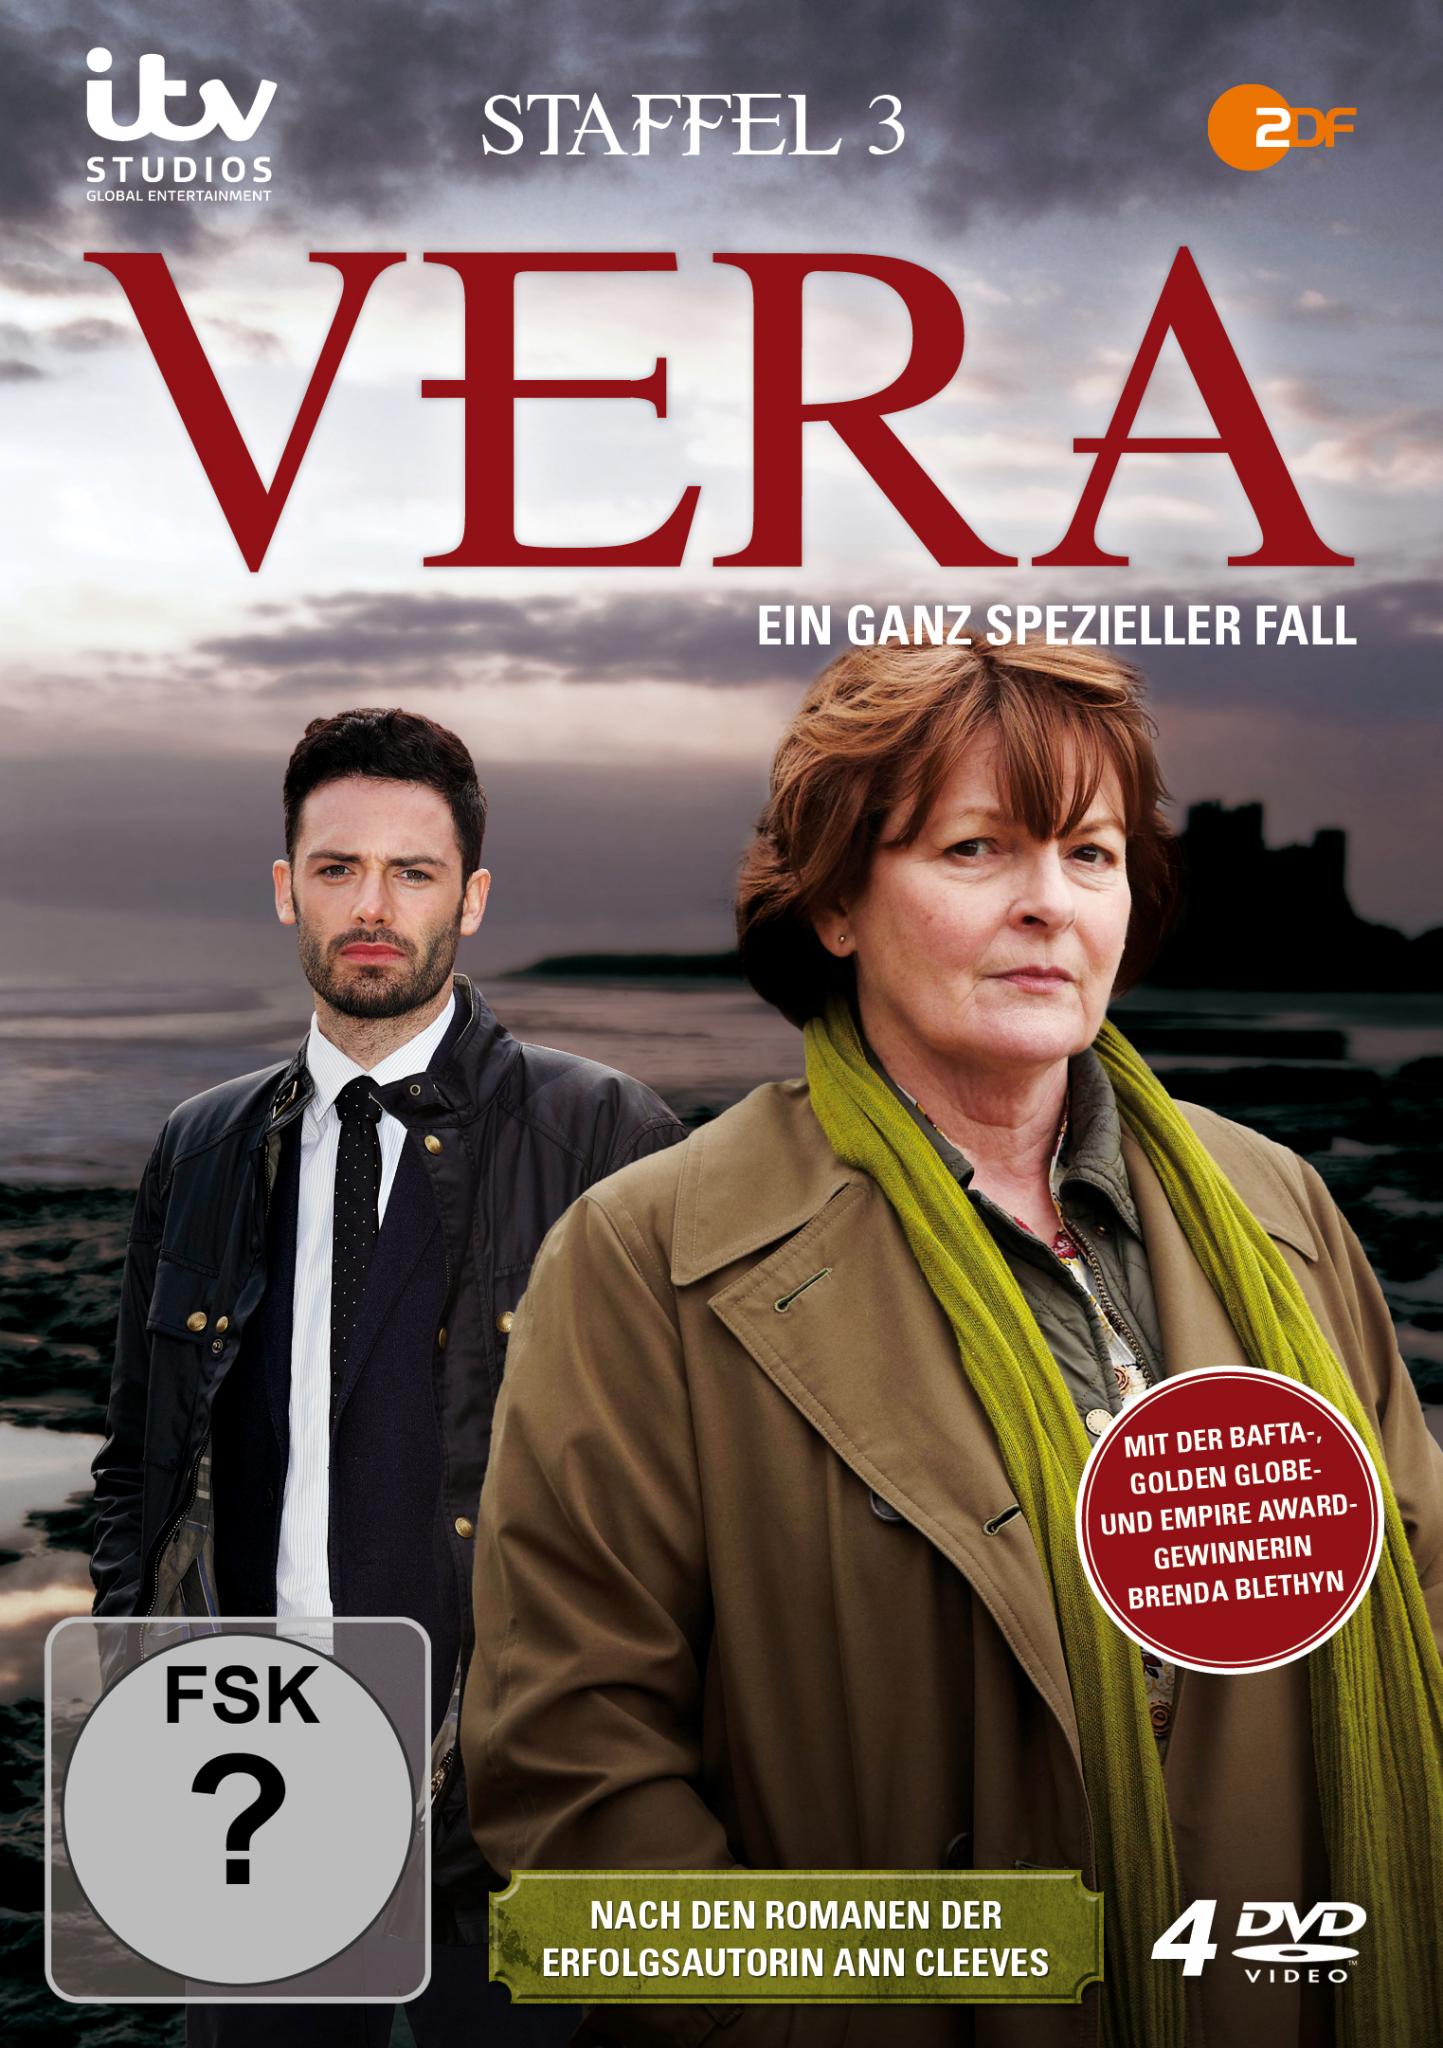 Vera Ein Ganz Spezieller Fall Staffel 3 Haiangriff